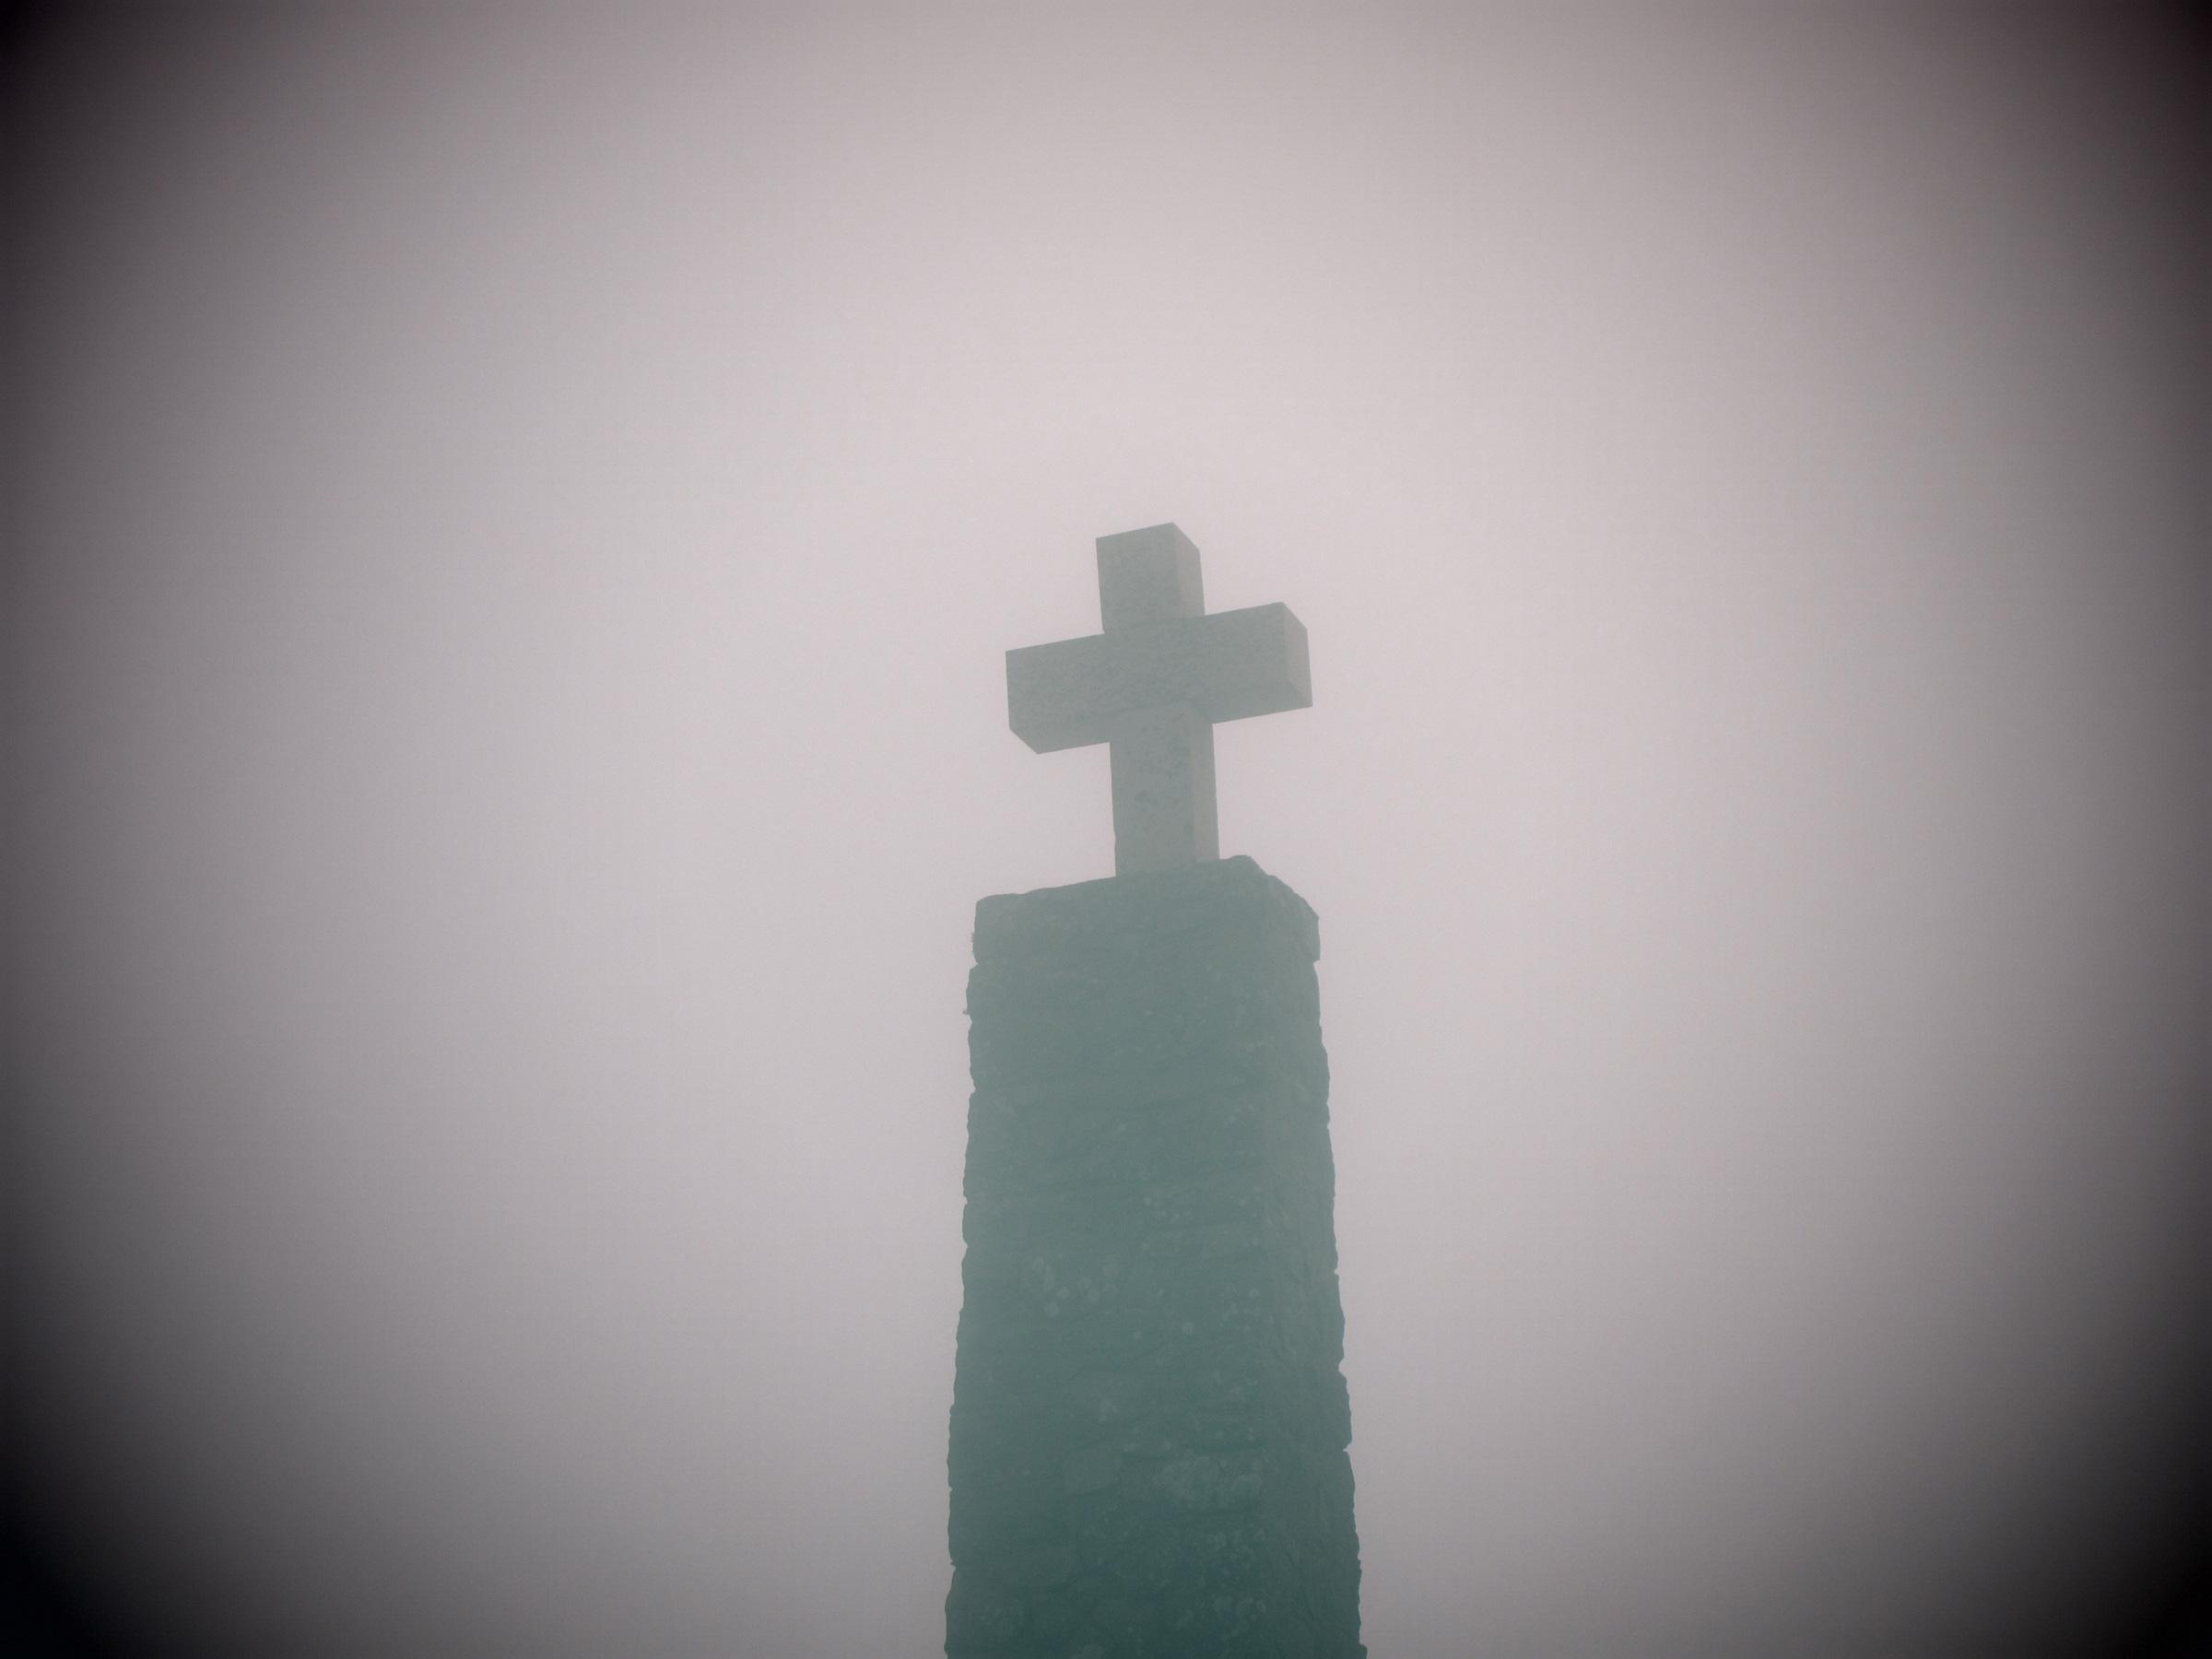 Kreuz im Nebel: Hier hilft keine Positionierung